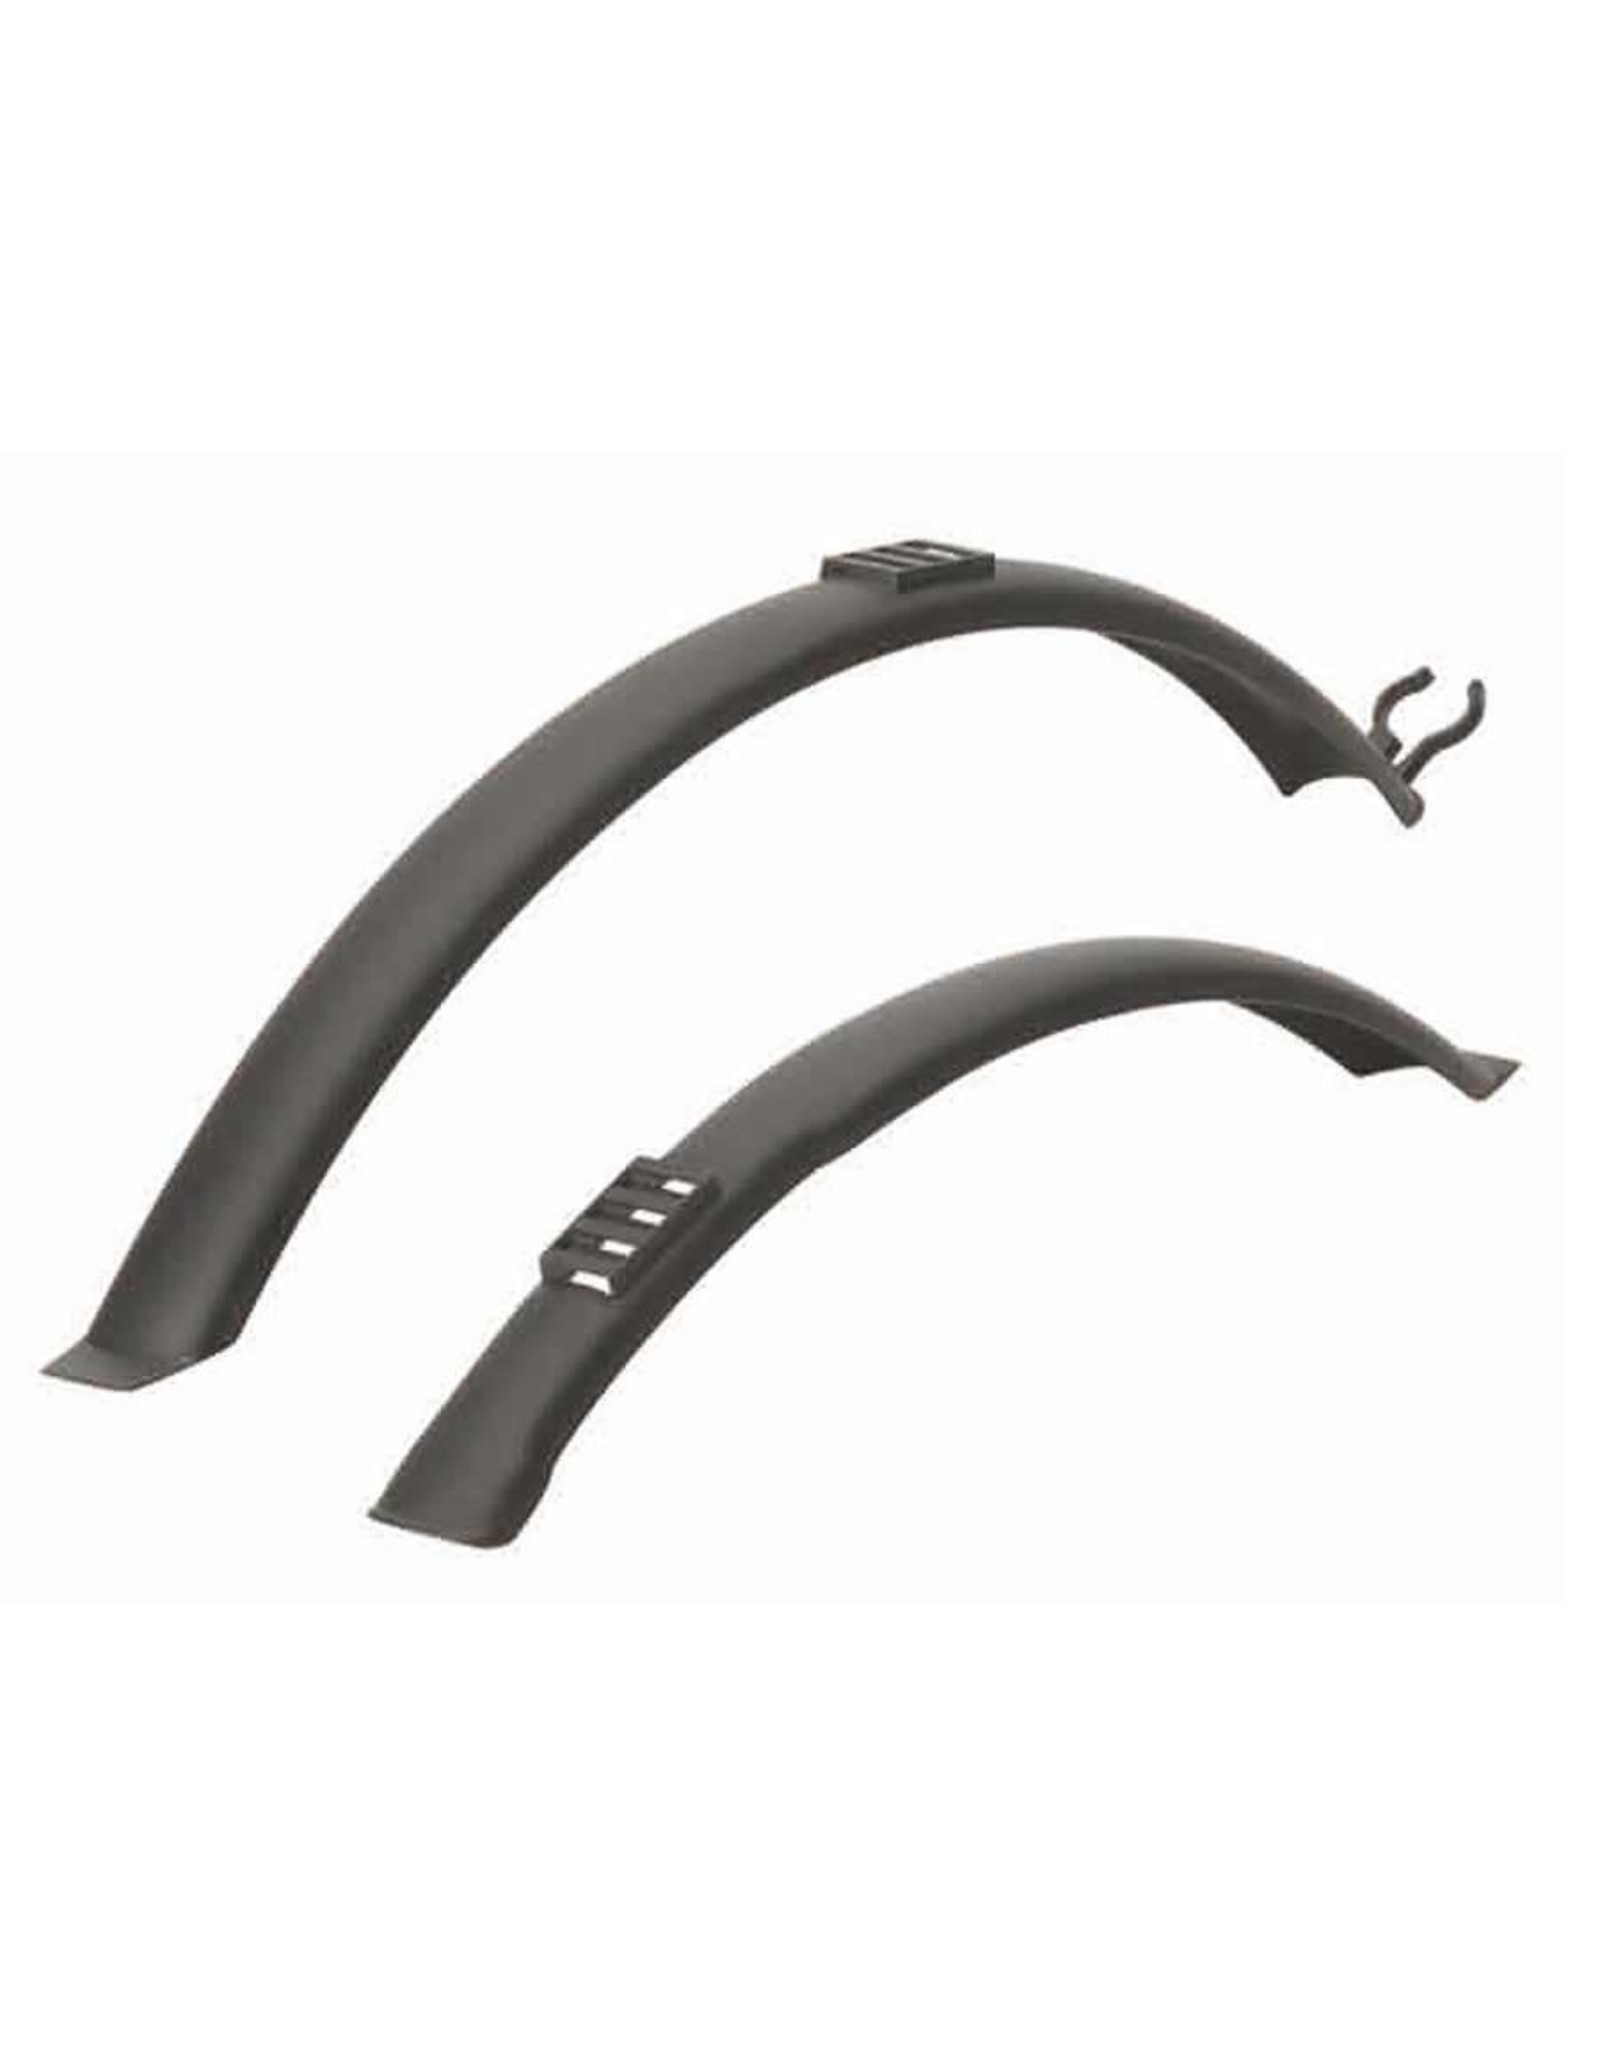 Bike Mudguards (pair)